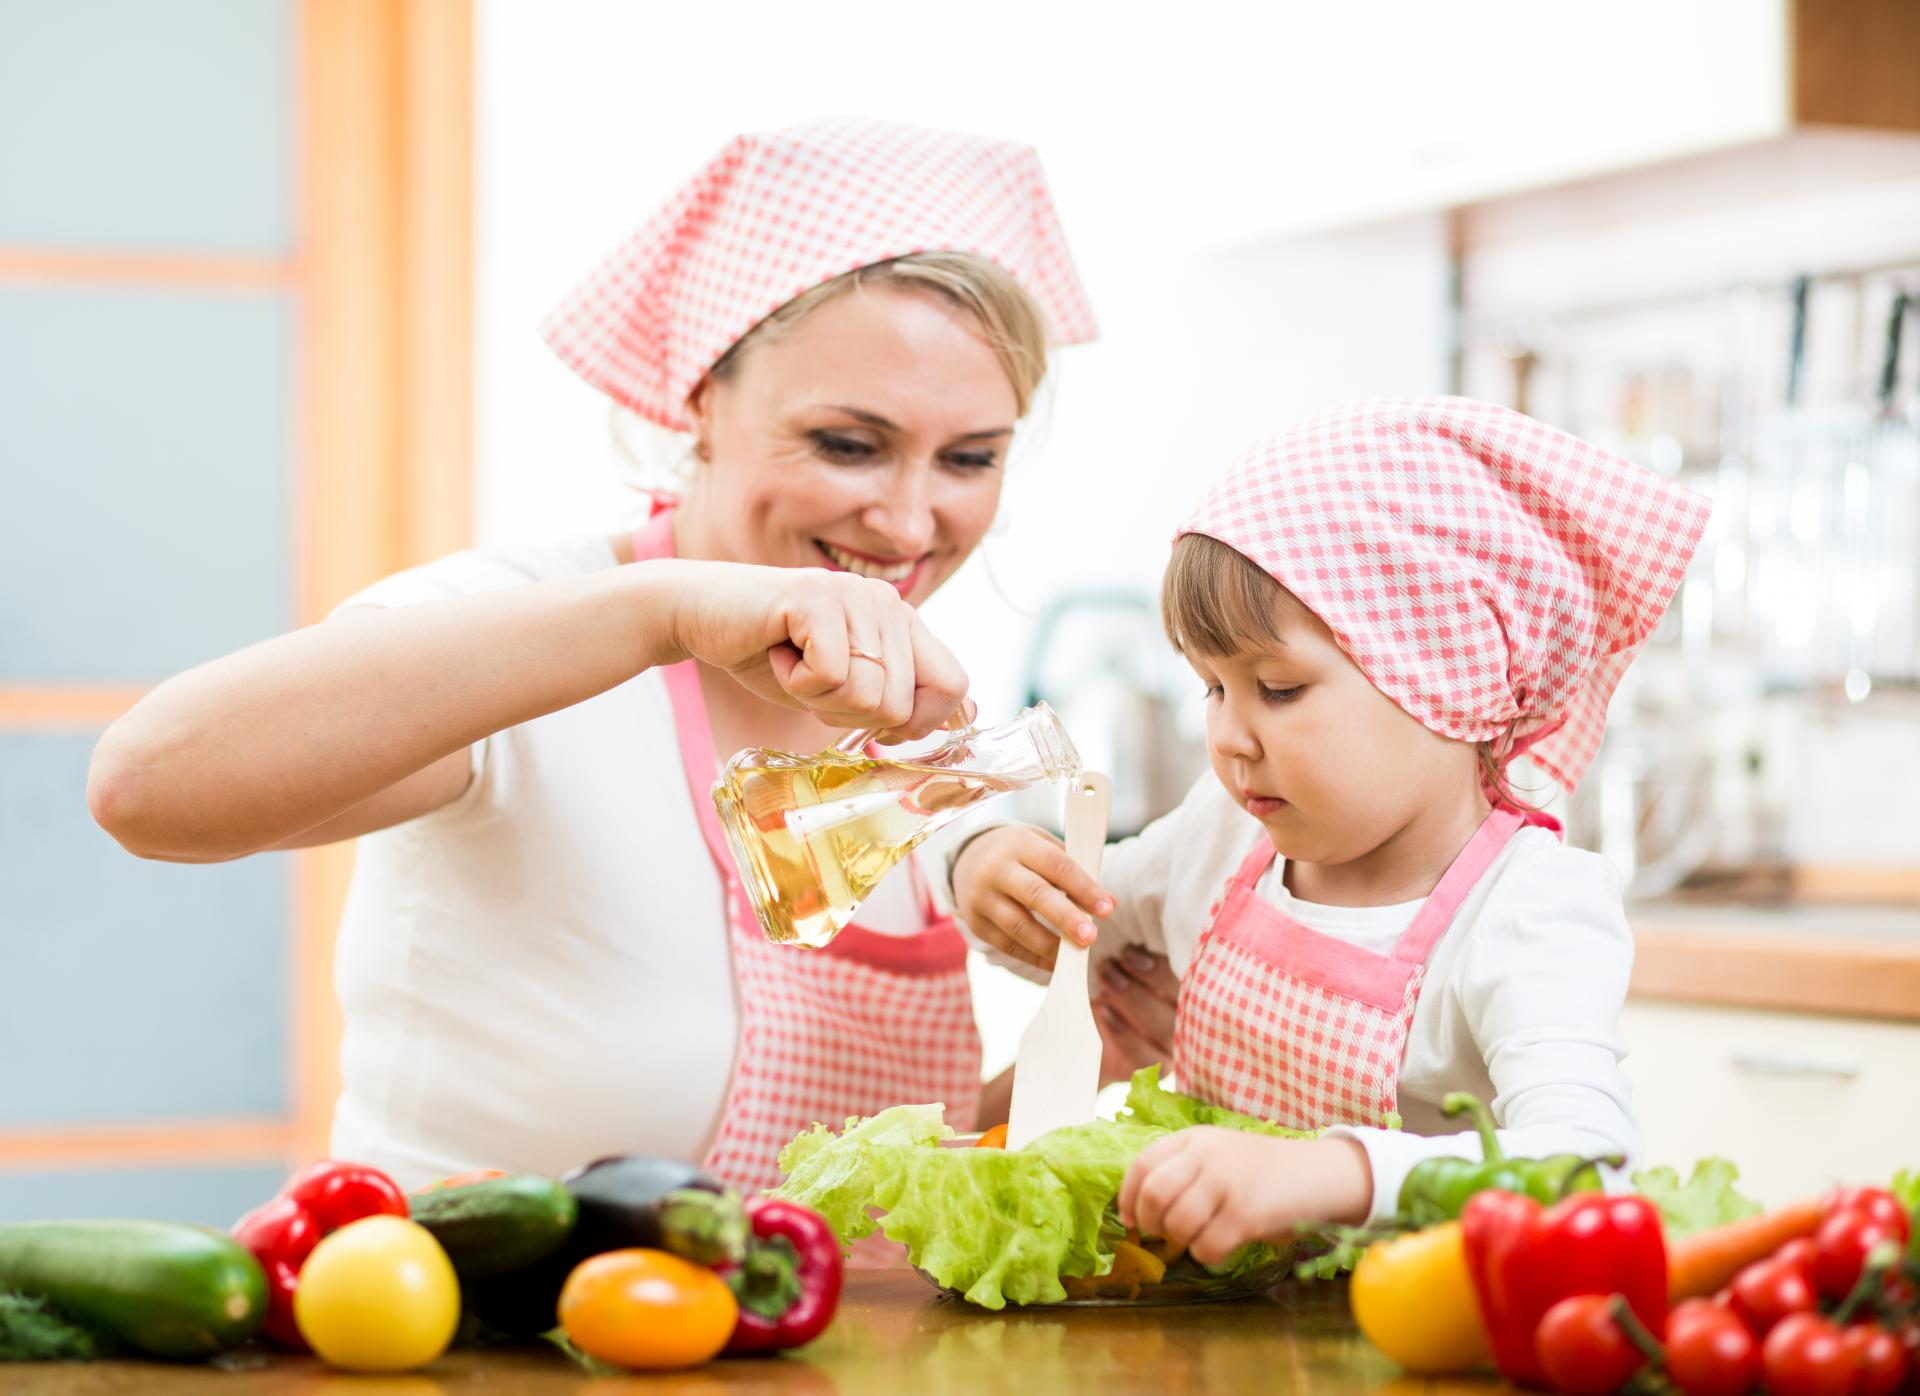 Диета и подробное меню для детей с аллергией